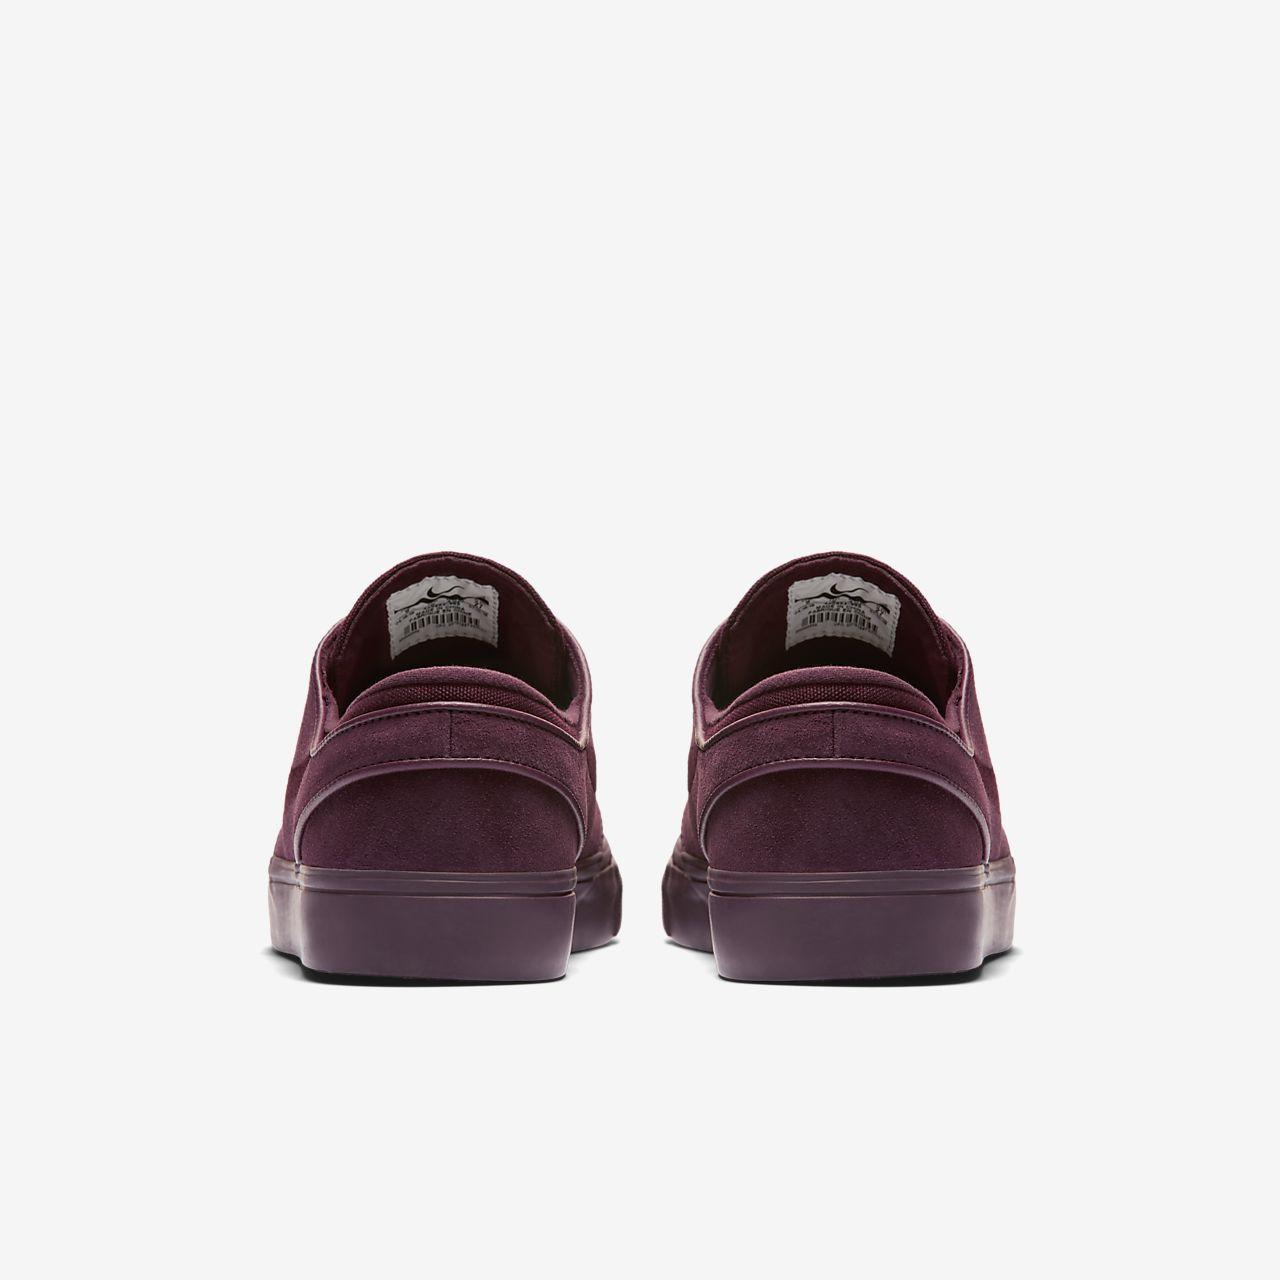 best website 7f4a3 54724 ... Chaussure de skateboard Nike Zoom Stefan Janoski pour Homme